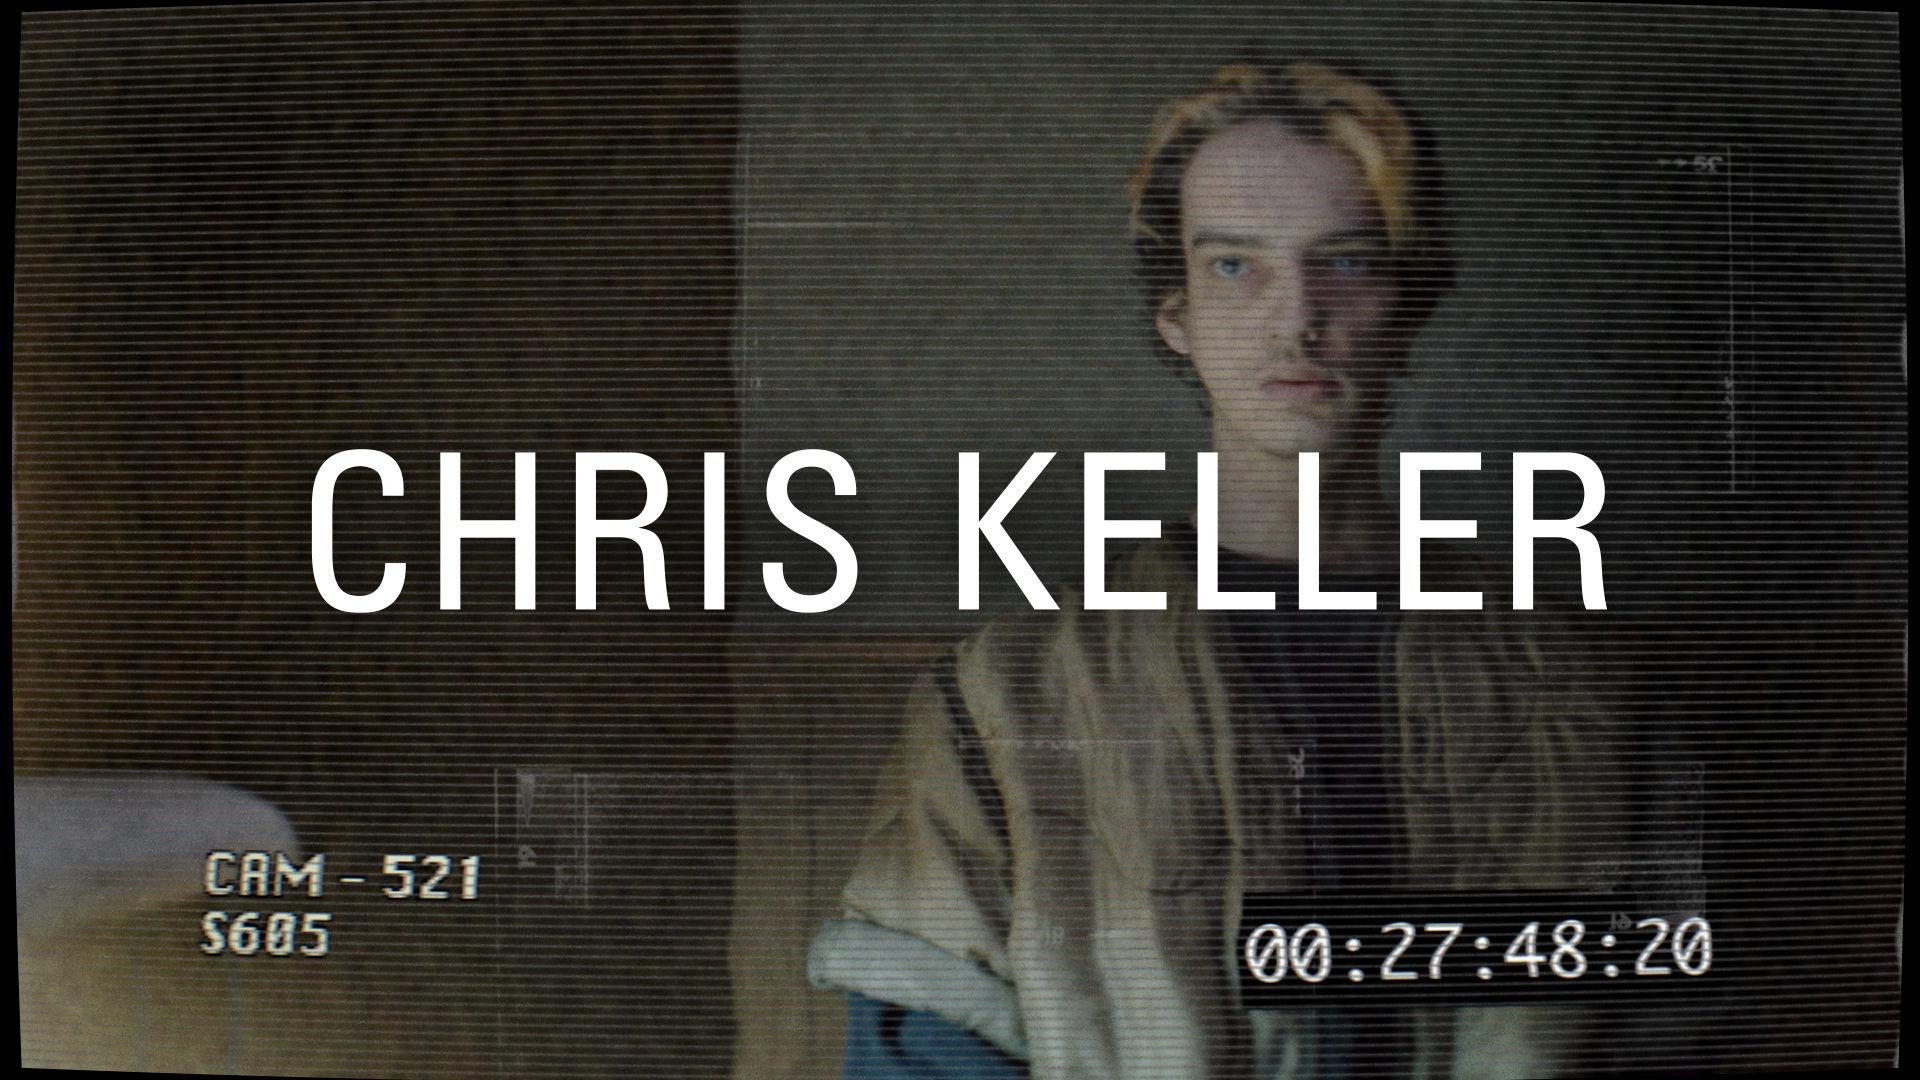 Допрос — s01e05 — Det. Dave Russell vs Chris Keller 1983